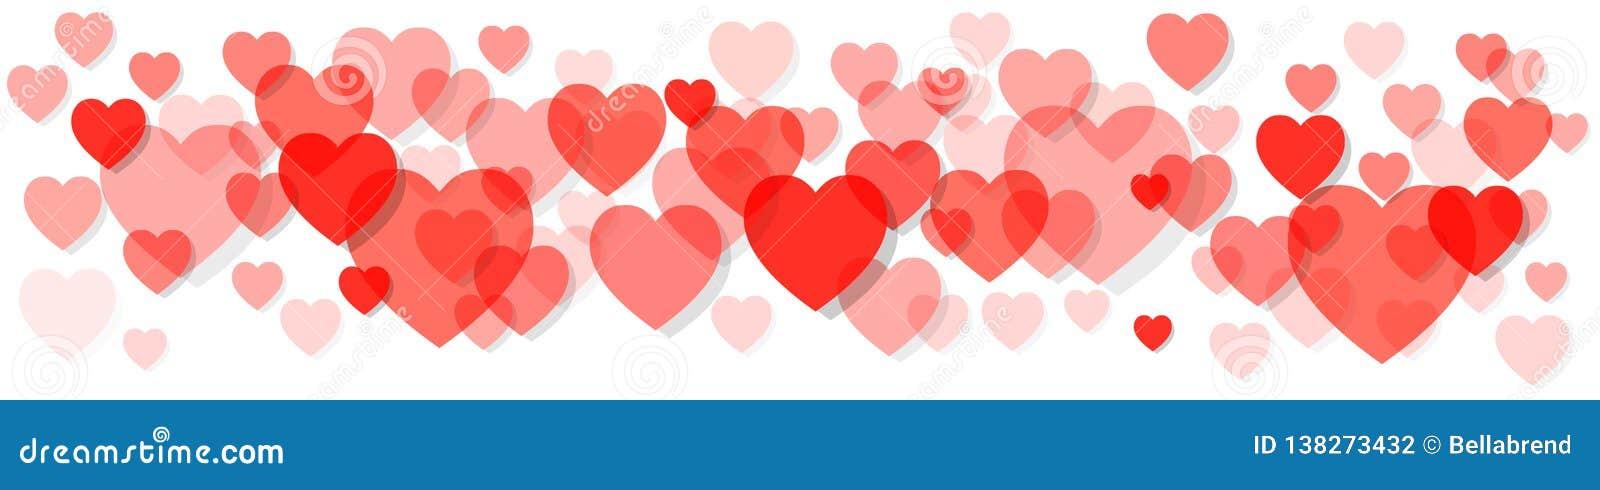 Walentynka dnia sztandaru Pantone Żywy Koralowy Colour roku 2019 serca na białym tle